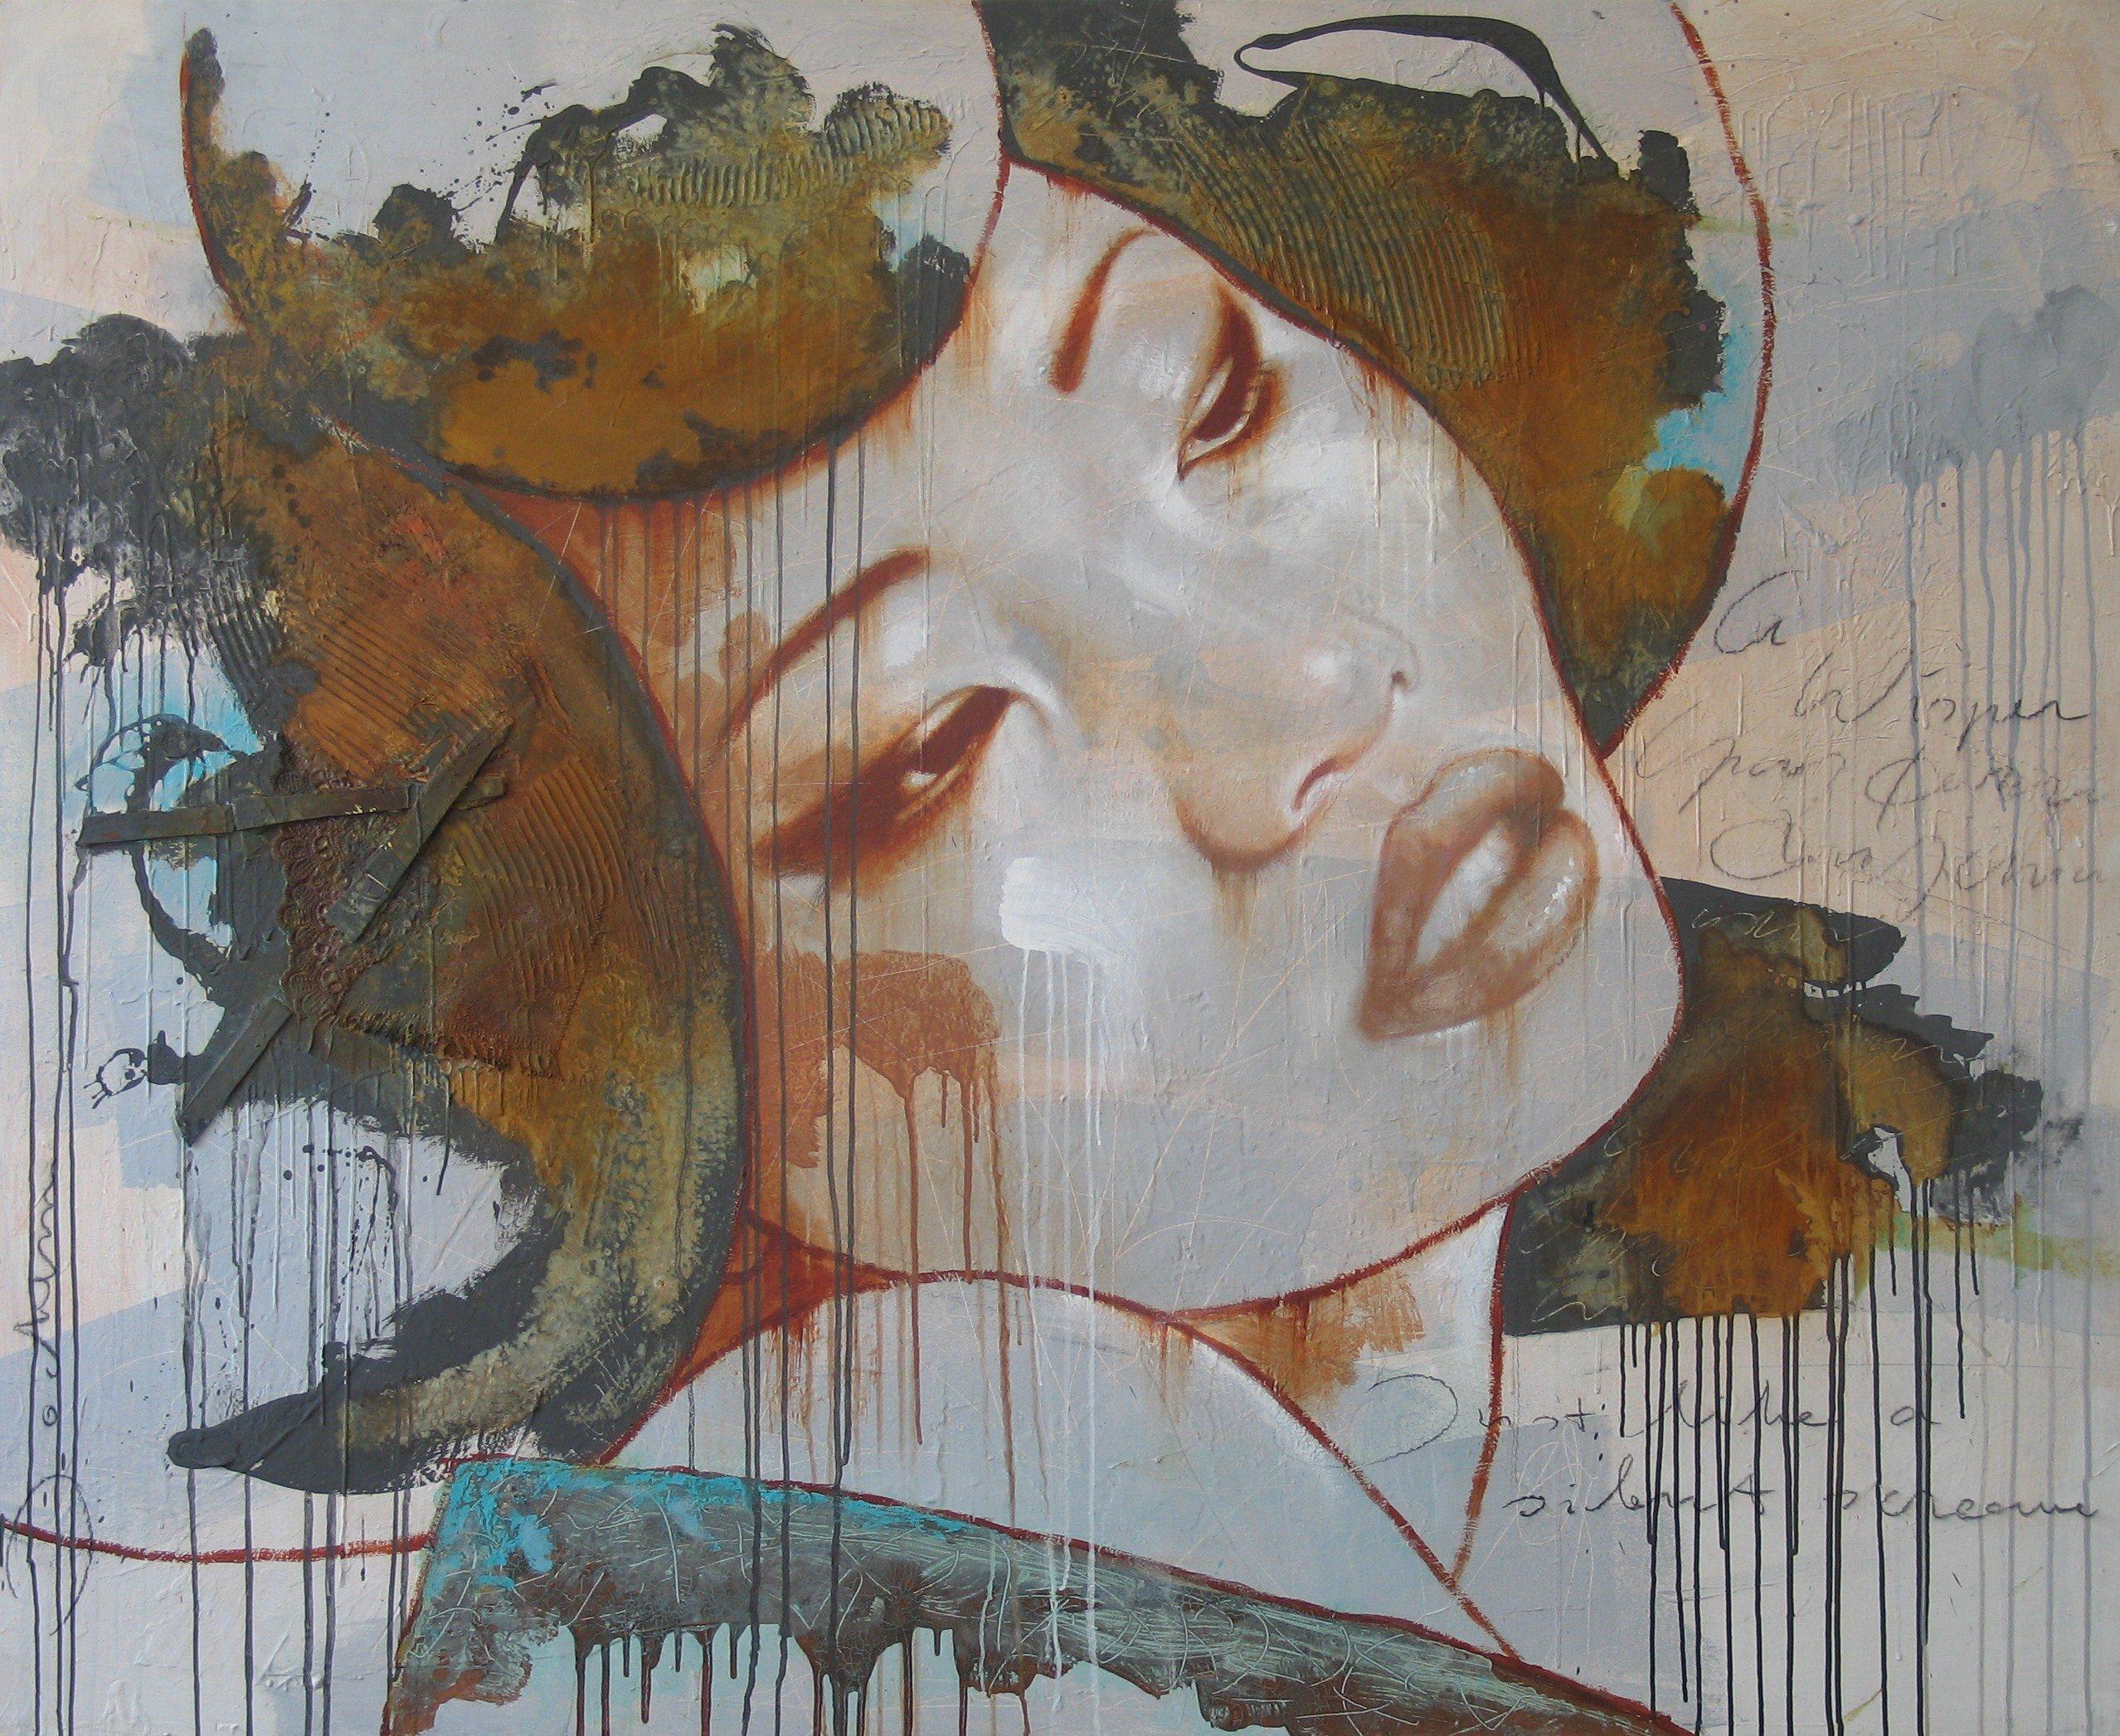 C mo pintar con spray t cnicas y consejos tutoriales for Como pintar un mural en una pared